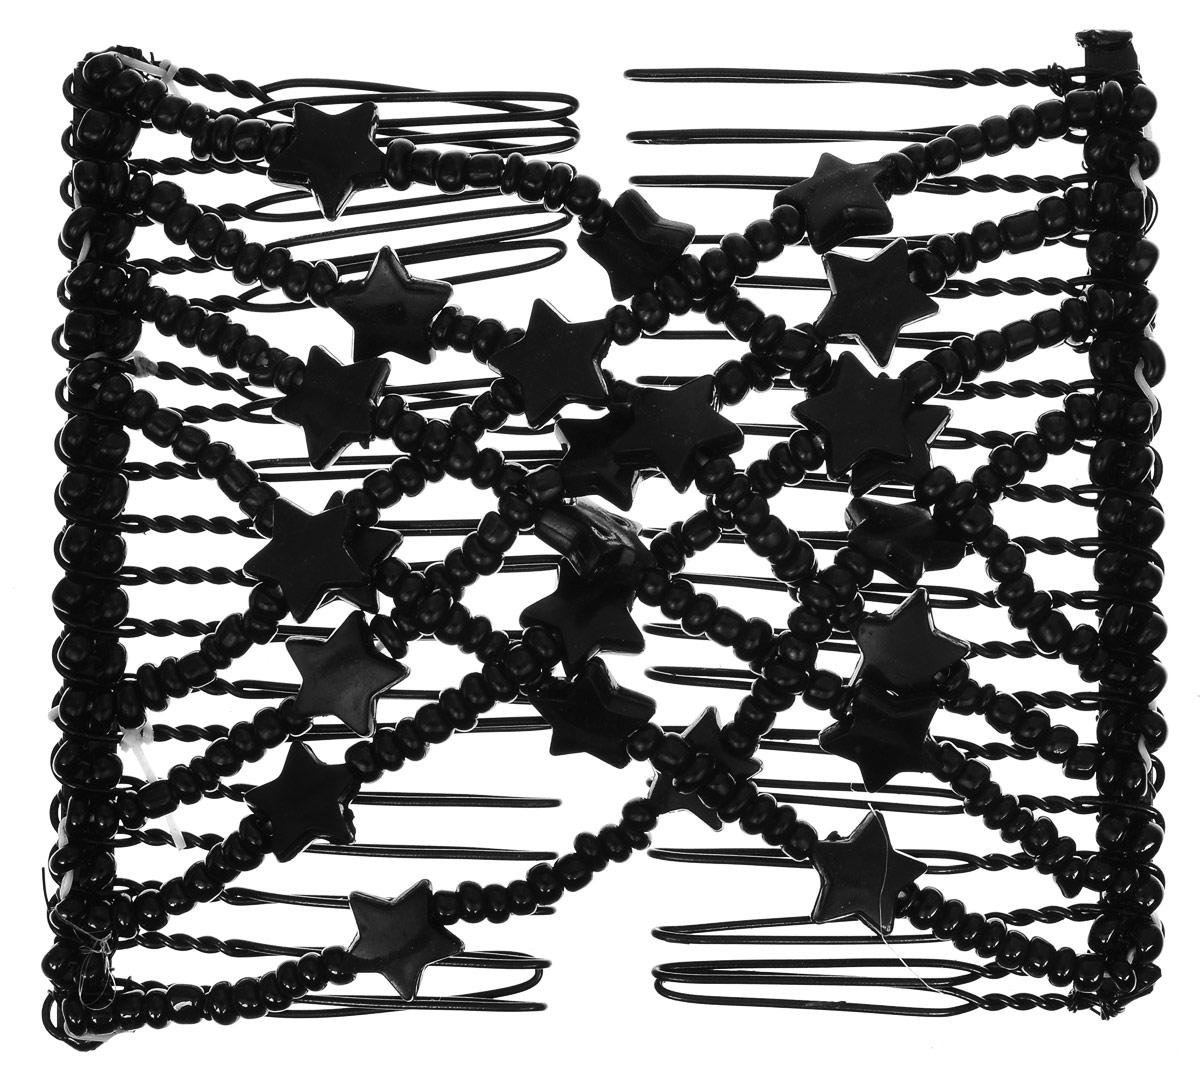 EZ-Combs Заколка Изи-Комбс, одинарная, цвет: черный. ЗИО_звездыSatin Hair 7 BR730MNУдобная и практичная EZ-Combs подходит для любого типа волос: тонких, жестких, вьющихся или прямых, и не наносит им никакого вреда. Заколка не мешает движениям головы и не создает дискомфорта, когда вы отдыхаете или управляете автомобилем. Каждый гребень имеет по 20 зубьев для надежной фиксации заколки на волосах! И даже во время бега и интенсивных тренировок в спортзале EZ-Combs не падает; она прочно фиксирует прическу, сохраняя укладку в первозданном виде.Небольшая и легкая заколка для волос EZ-Combs поместится в любой дамской сумочке, позволяя быстро и без особых усилий создавать неповторимые прически там, где вам это удобно. Гребень прекрасно сочетается с любой одеждой: будь это классический или спортивный стиль, завершая гармоничный облик современной леди. И неважно, какой образ жизни вы ведете, если у вас есть EZ-Combs, вы всегда будете выглядеть потрясающе.